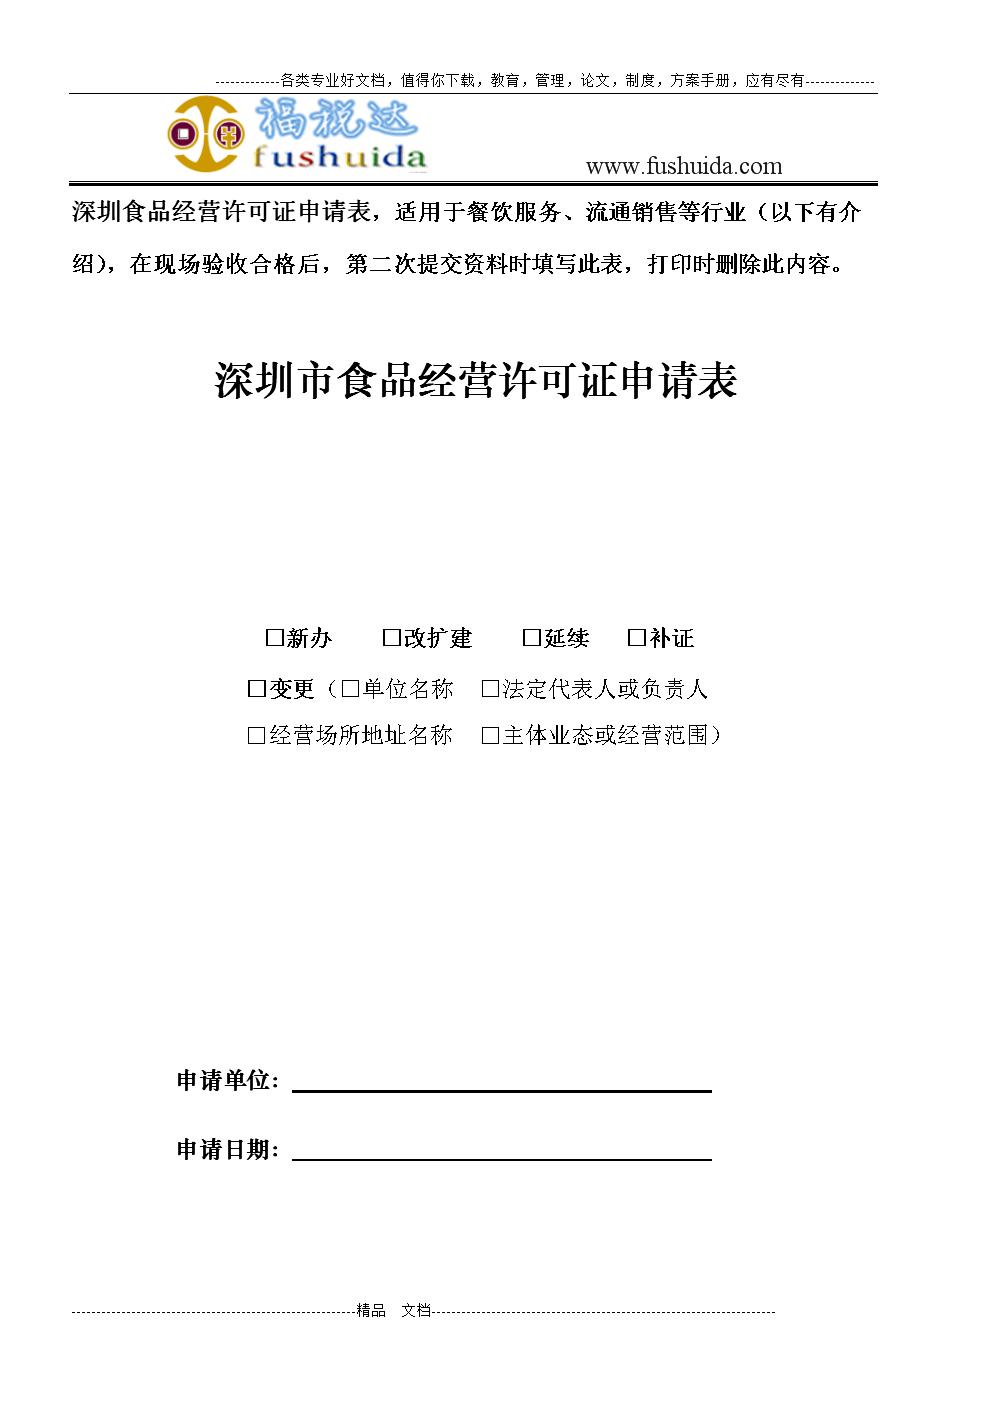 深圳食品经营许可证申请表.doc